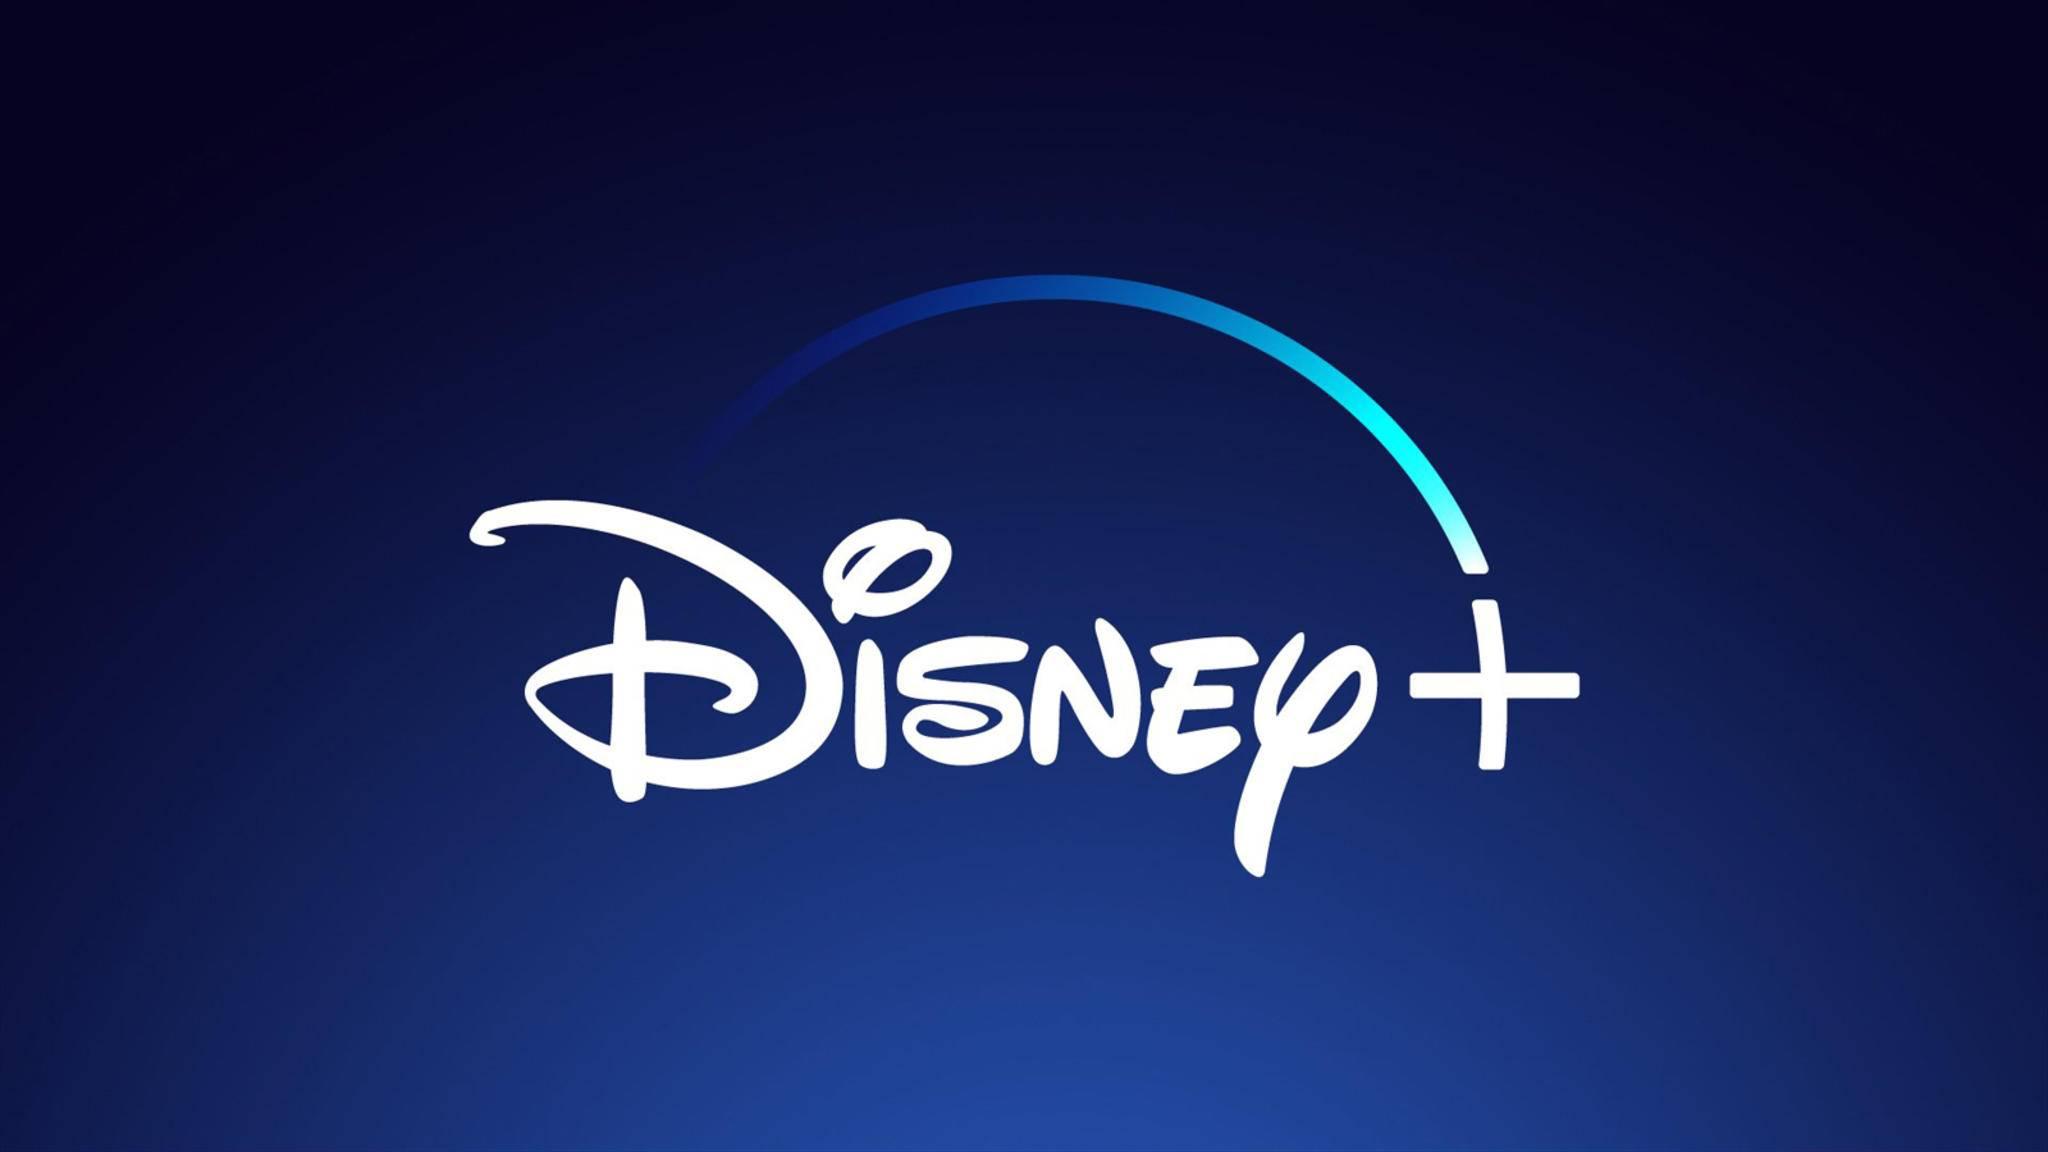 Wir verraten Dir alle bekannten Informationen, die es bisher zum Streamingdienst Disney+ gibt.